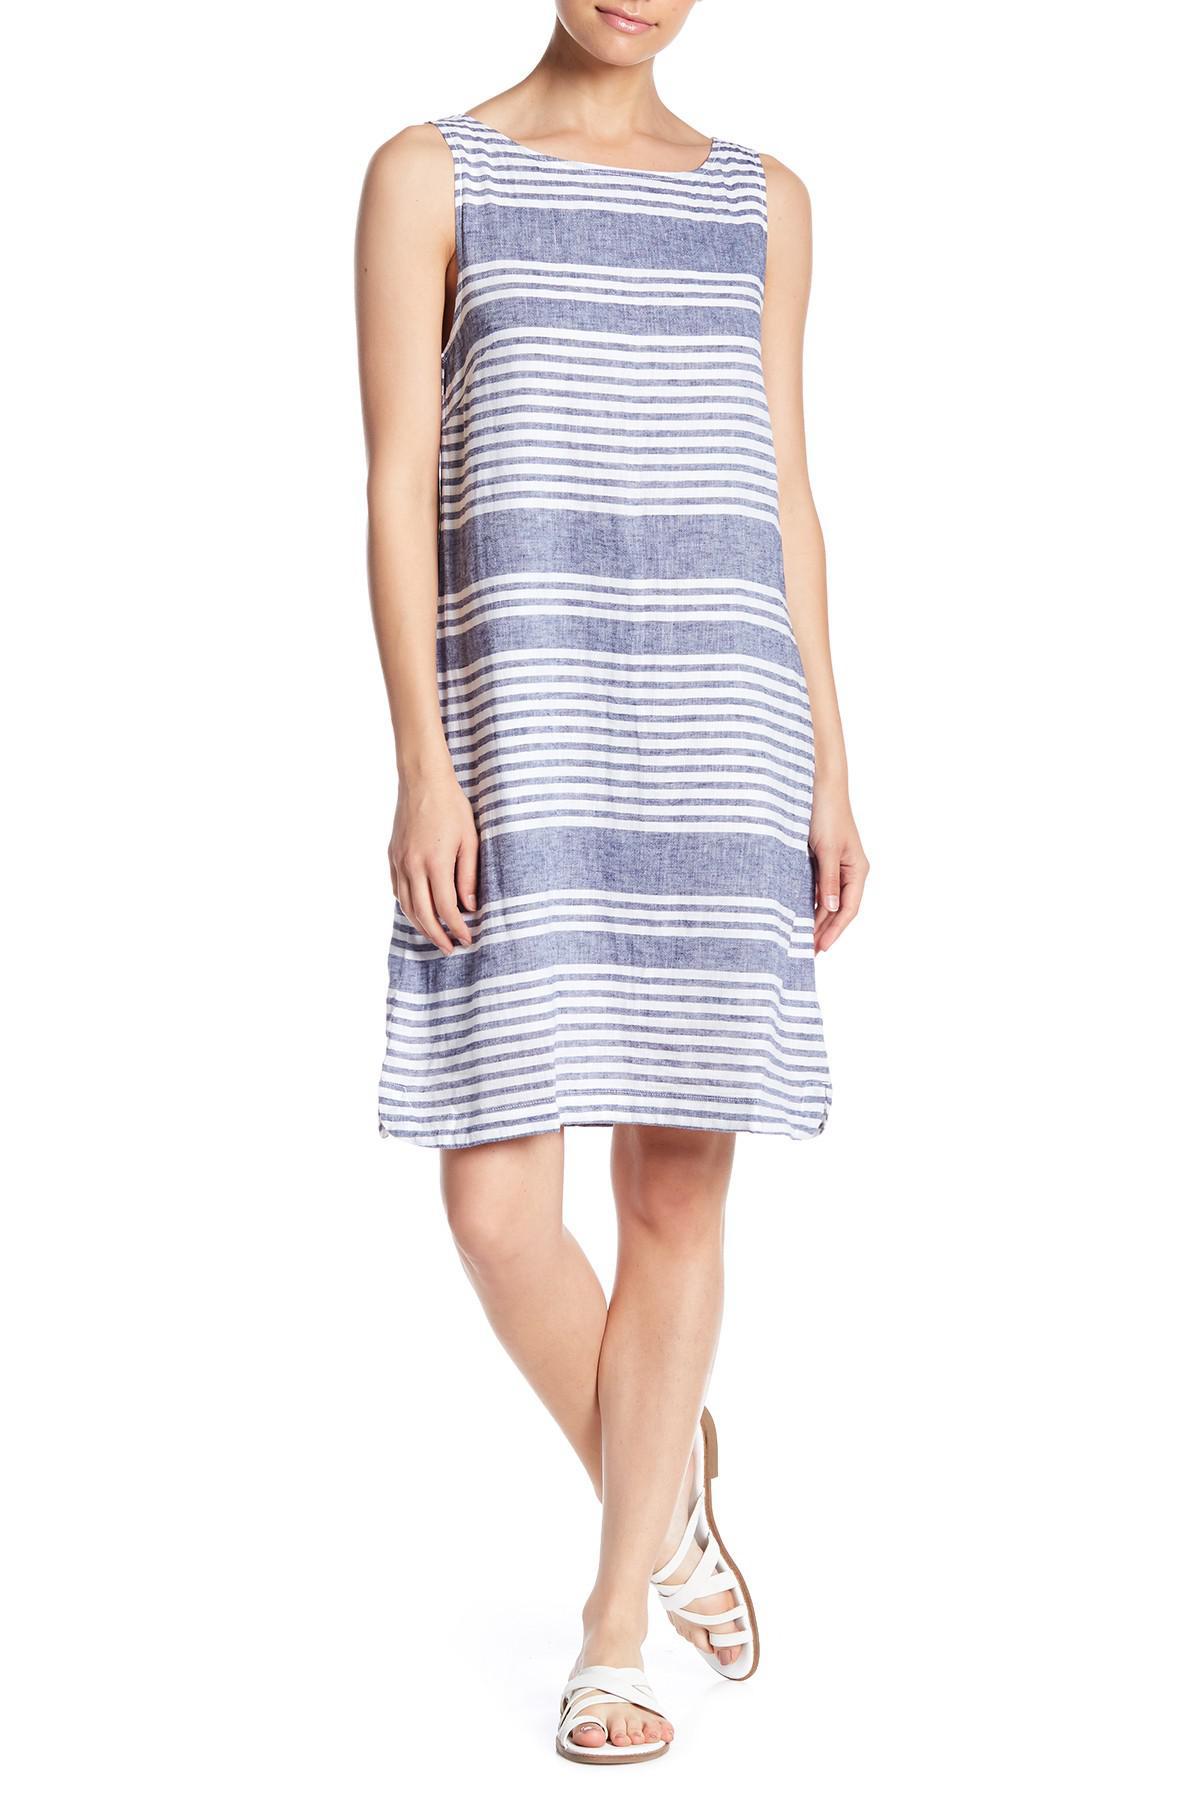 8a57a65237 Beach Lunch Lounge Alina Linen Blend Dress in Blue - Lyst